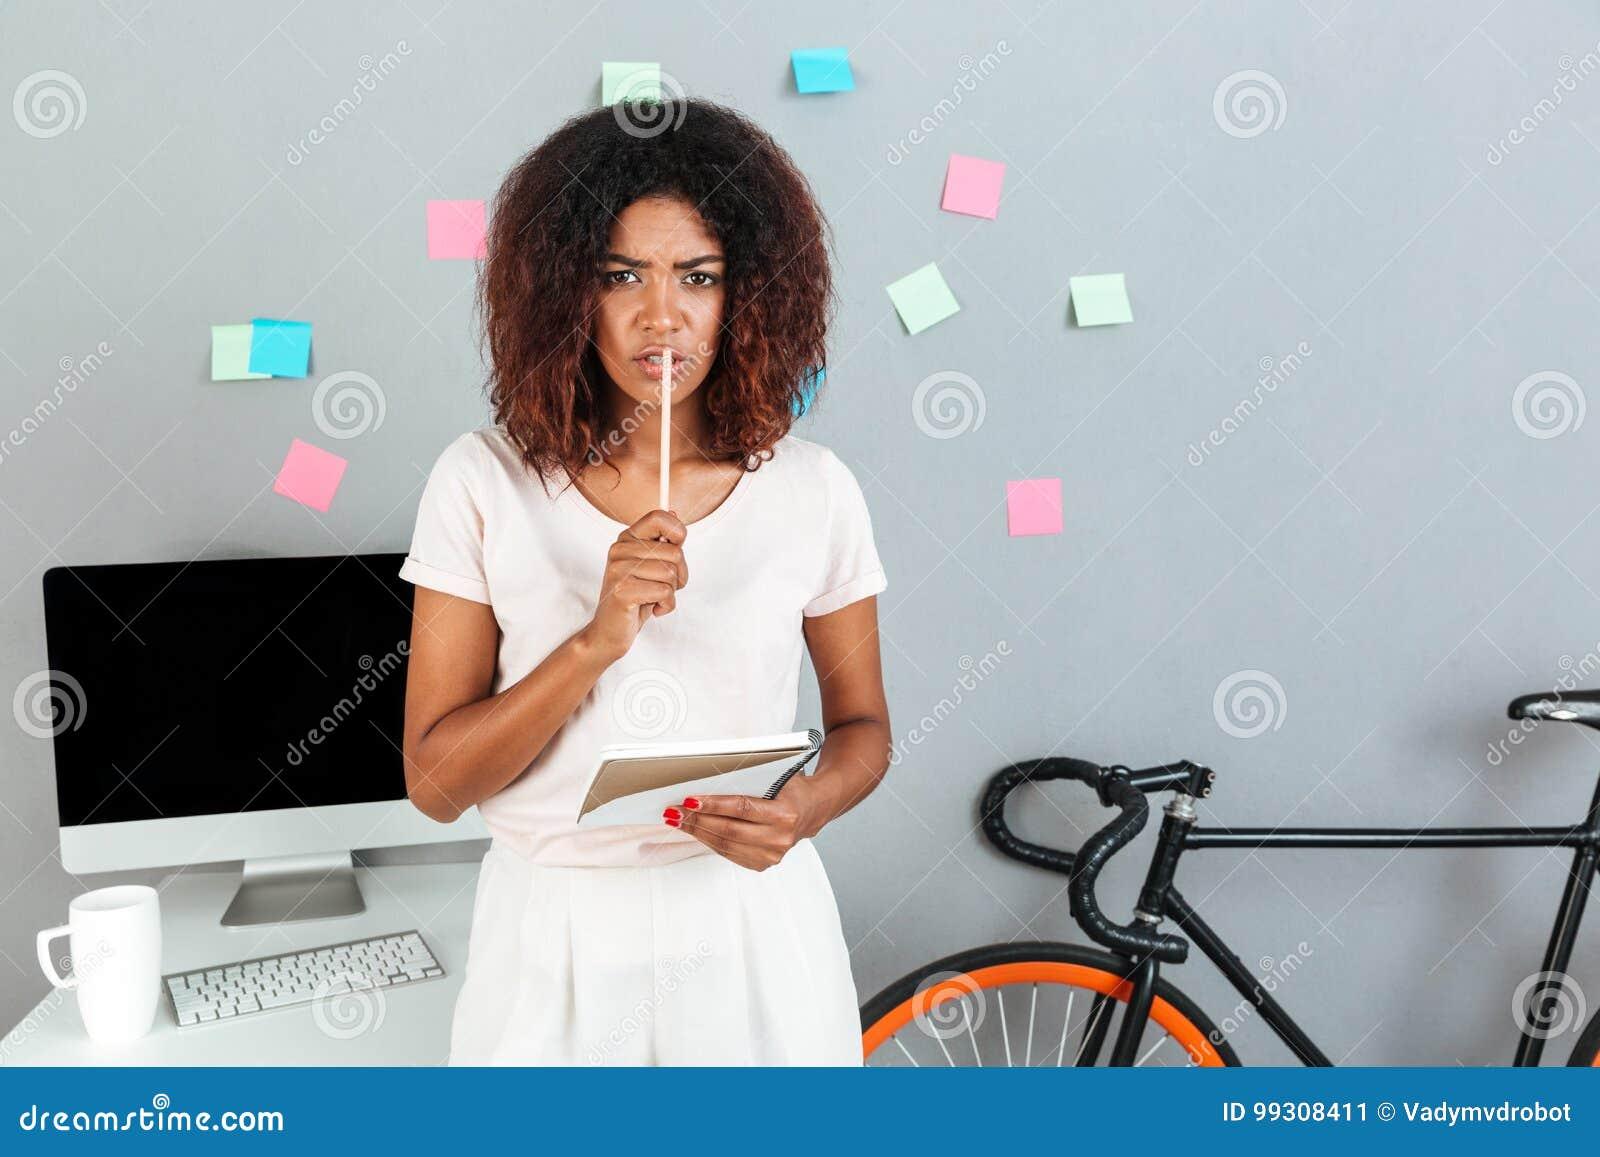 d1de14326136 Ernste Denkende Junge Afrikanische Frau, Die Bleistift Hält ...